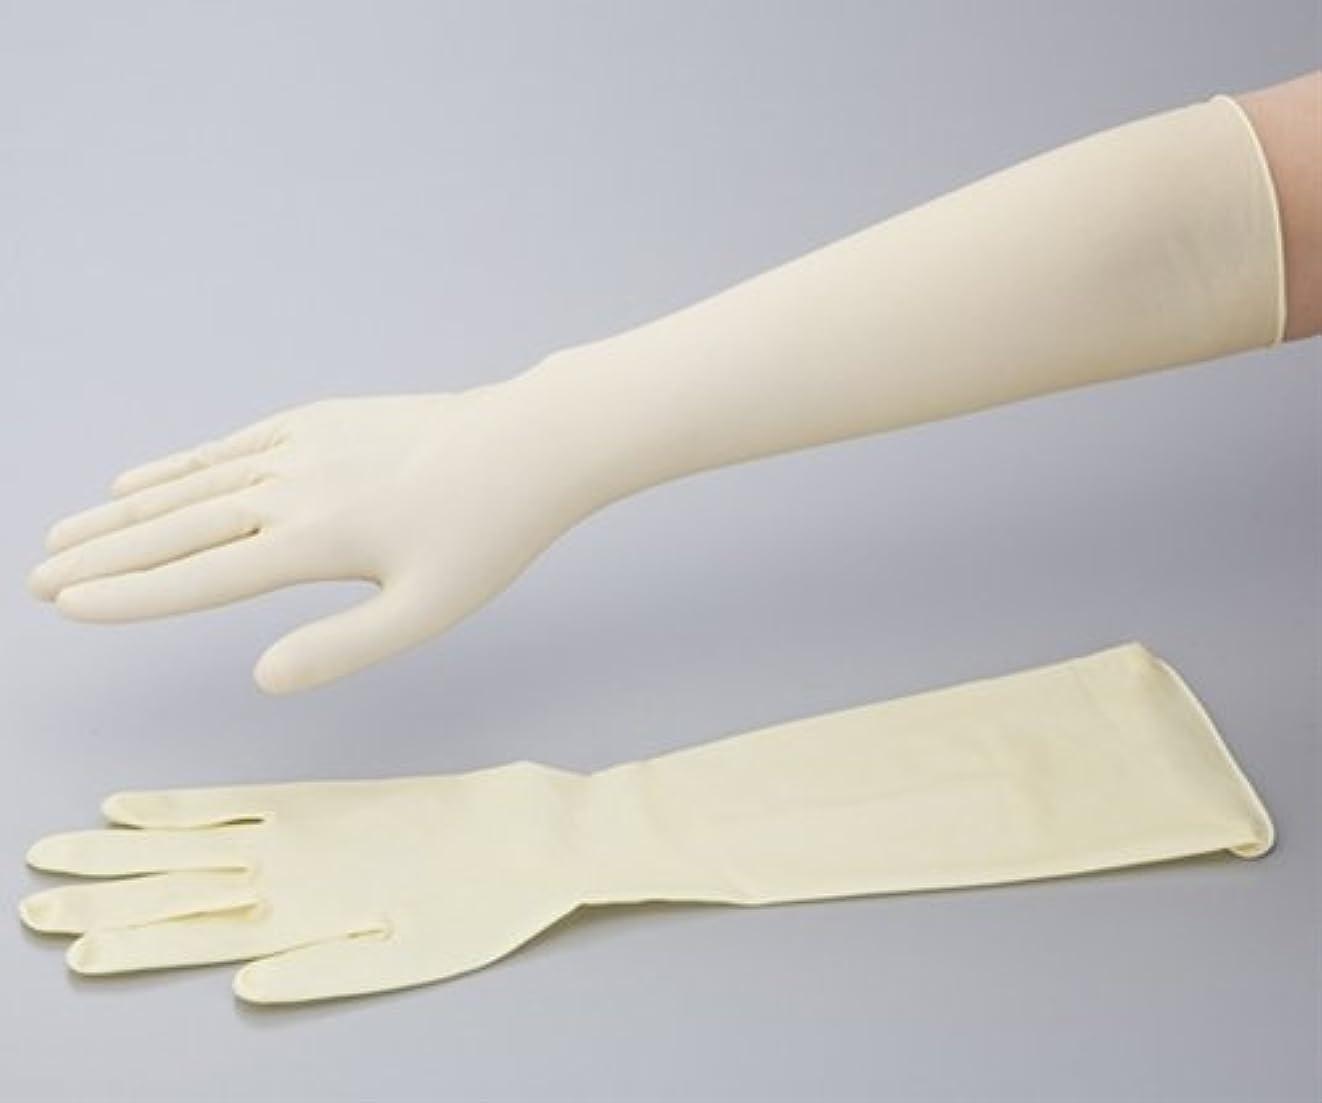 ではごきげんよう代表する最適ラテックスロング手袋(スーパーロング)γ線滅菌済 S 50枚入り /0-6111-03